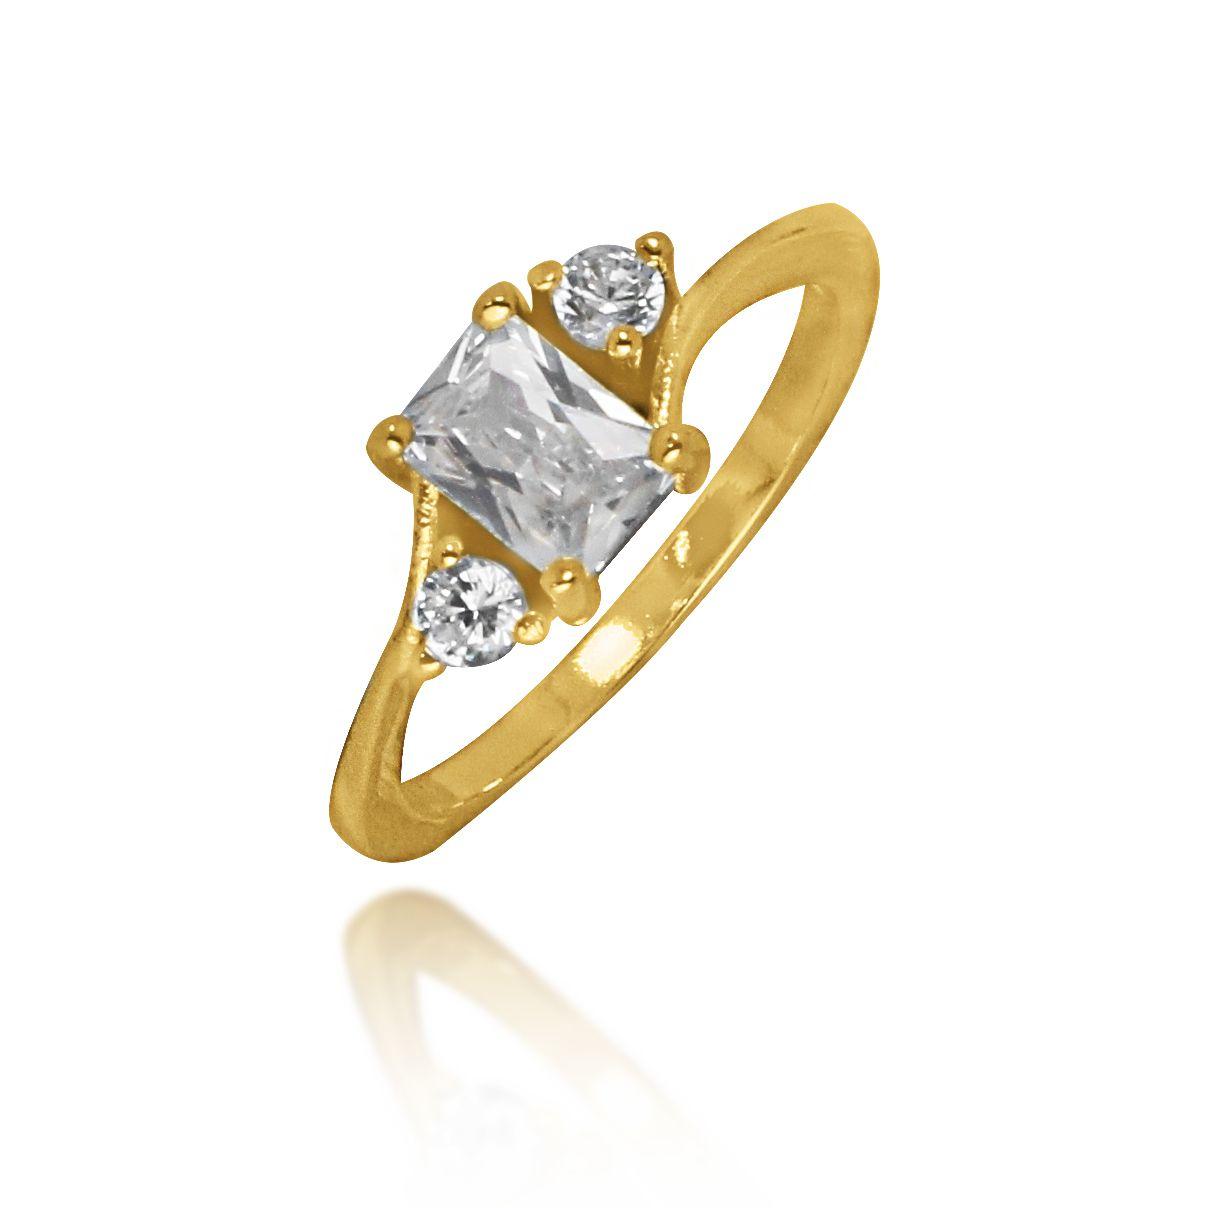 Anel Pedra Retangular com Zircônia Folheado a Ouro 18k